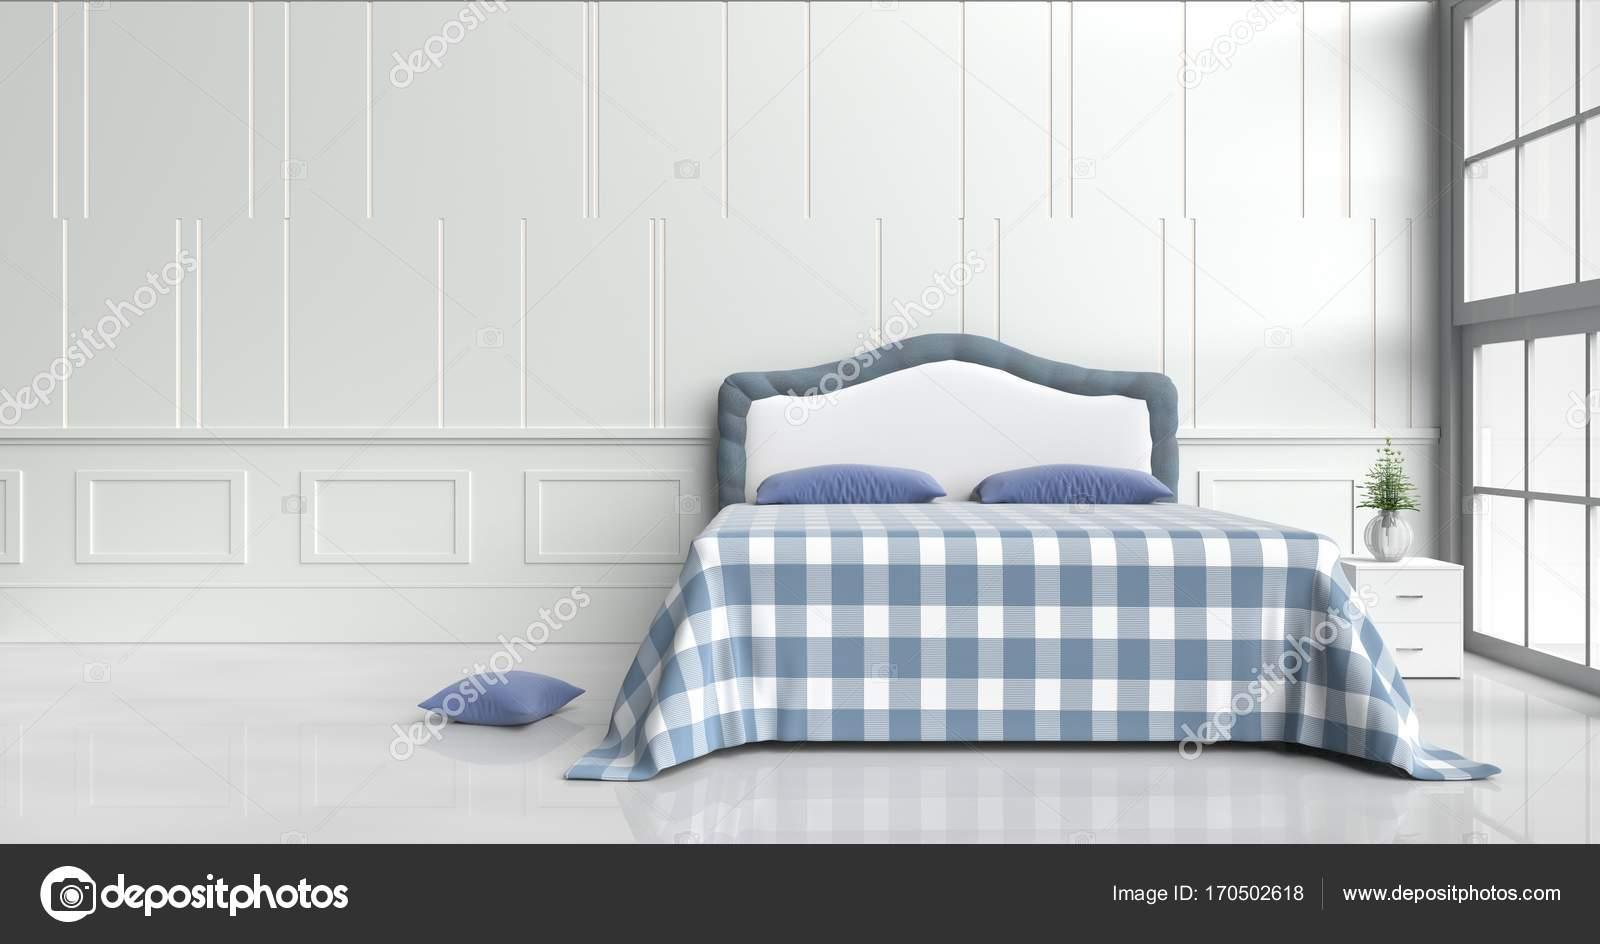 Licht Blauwe Slaapkamer : Slaapkamer ingericht met witte boom in glazen vaas licht blauwe